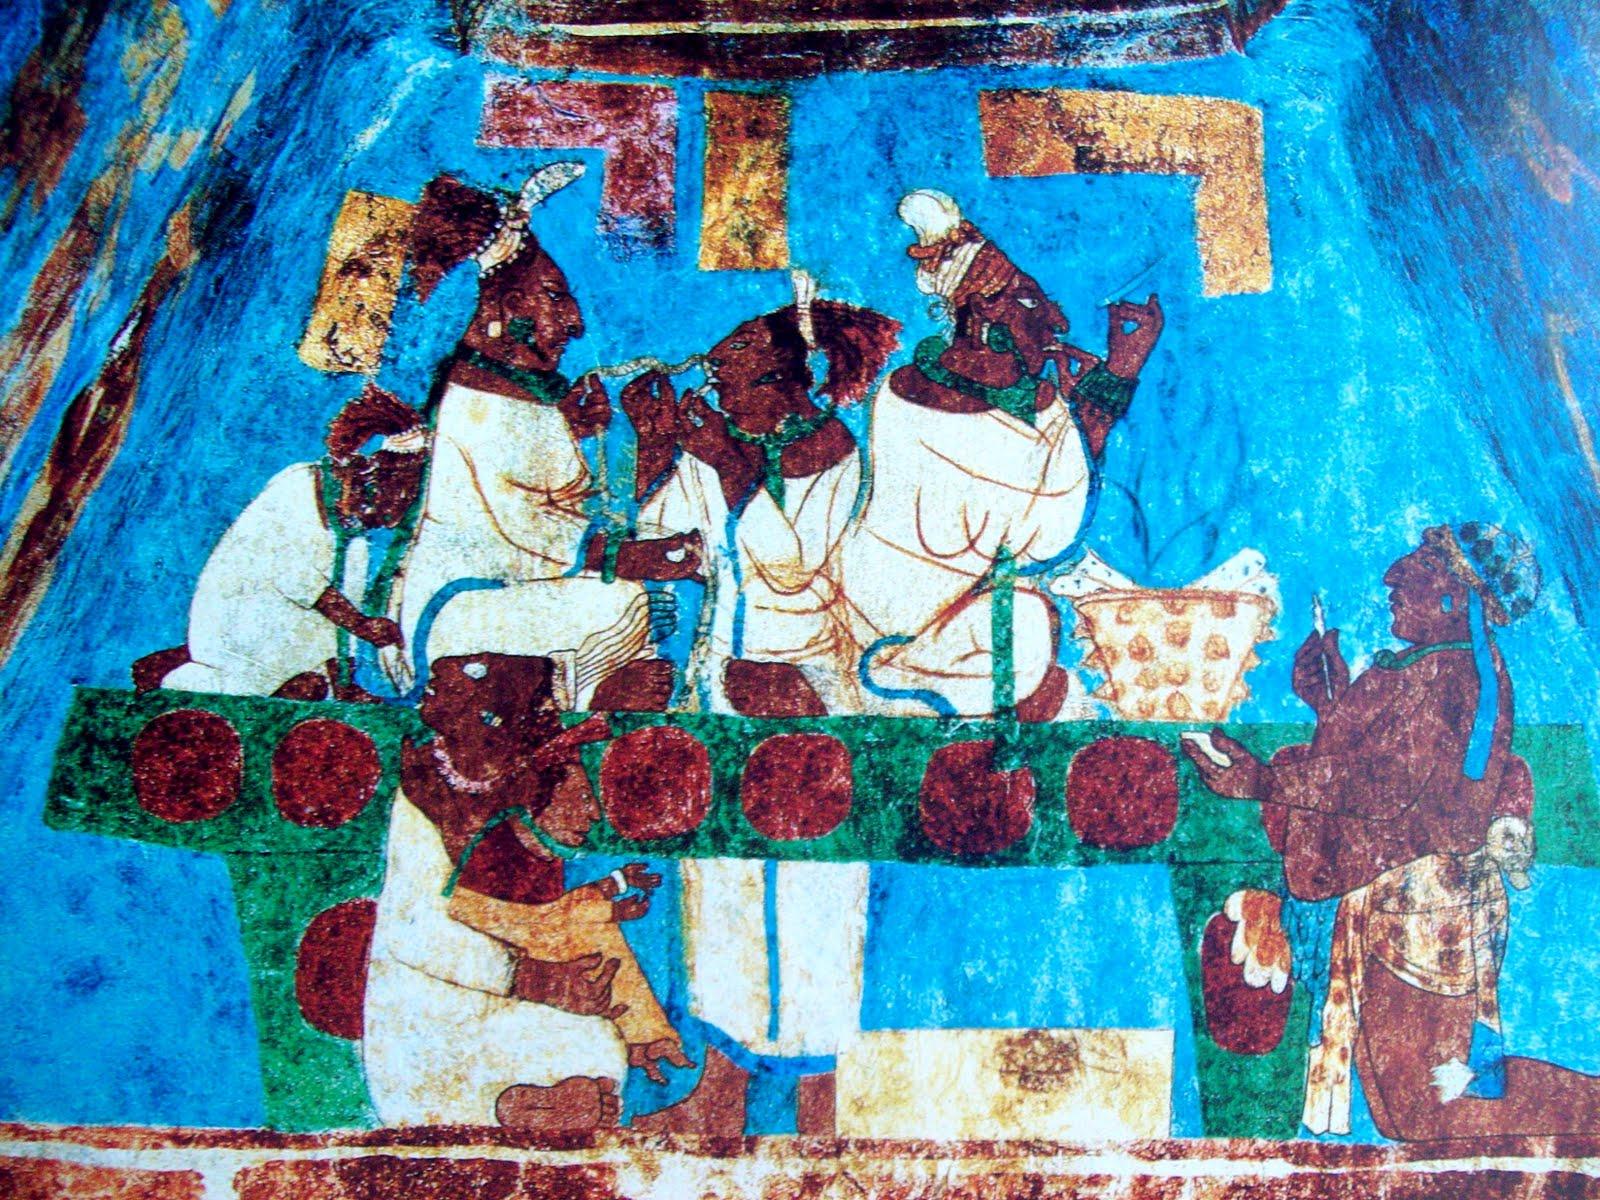 Literatura y mundo maya los murales mayas conferencia for El mural de bonampak